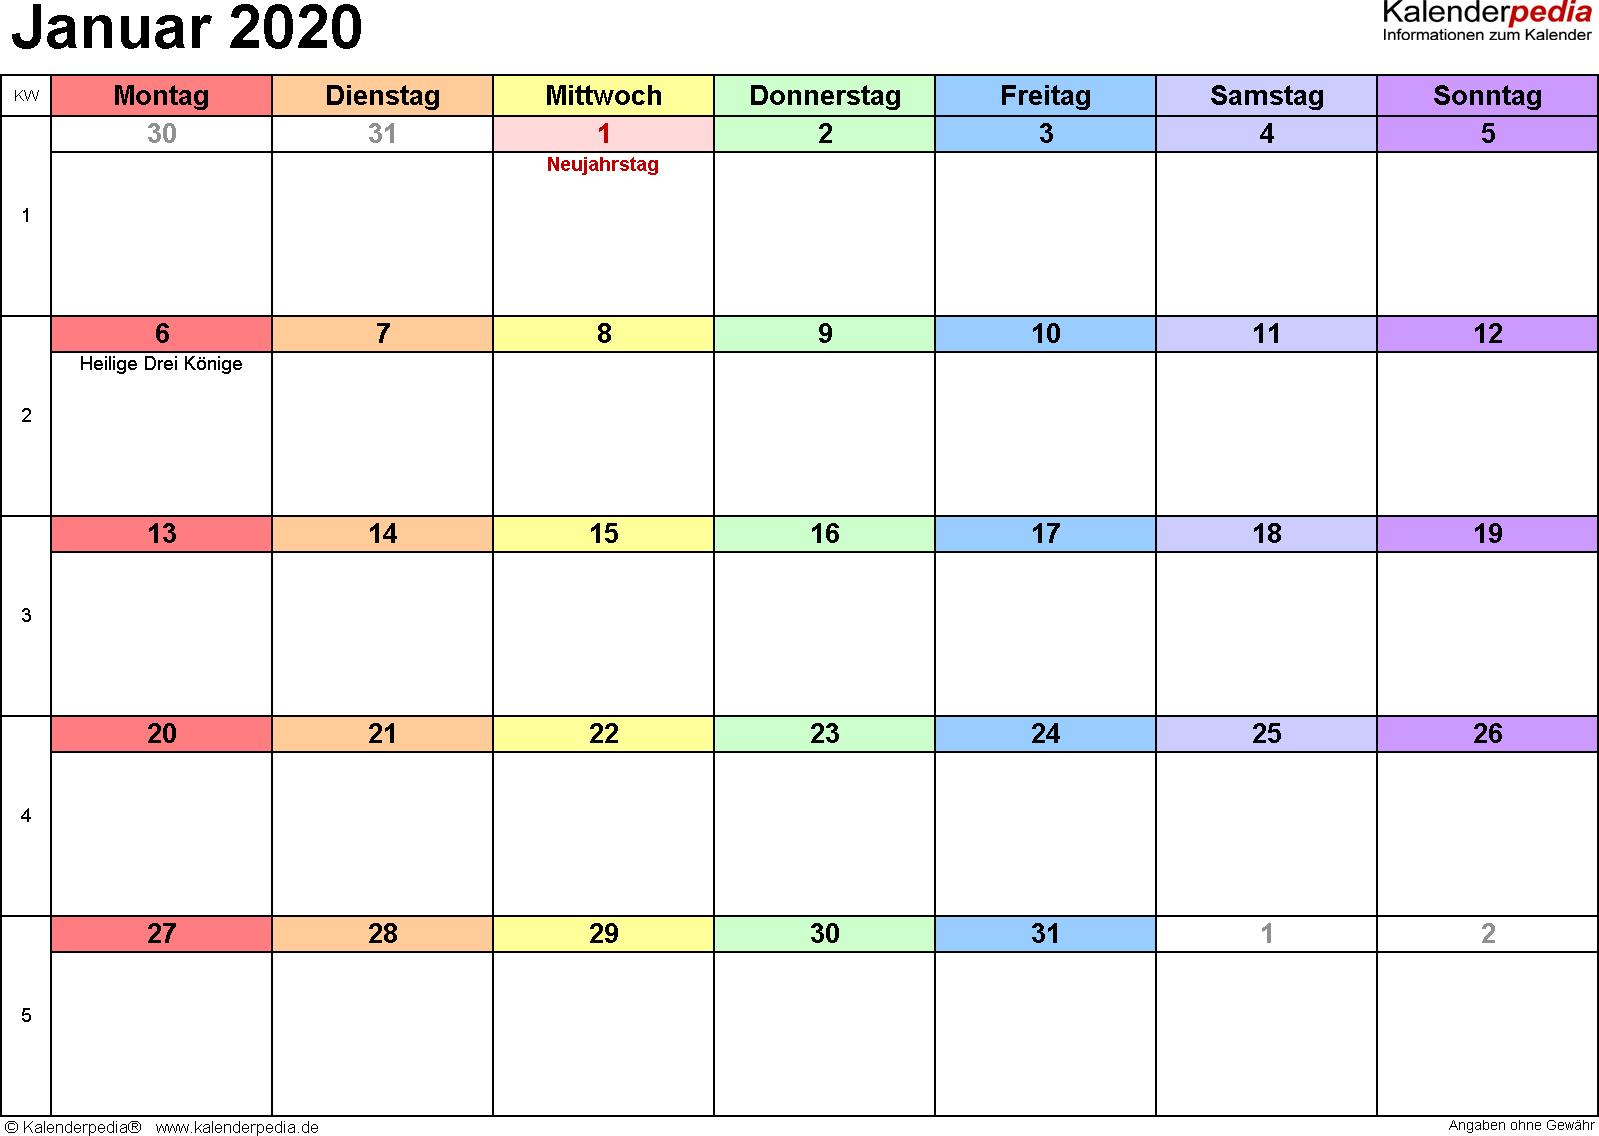 Kalender Januar 2020 (Querformat) als Excel-Vorlage